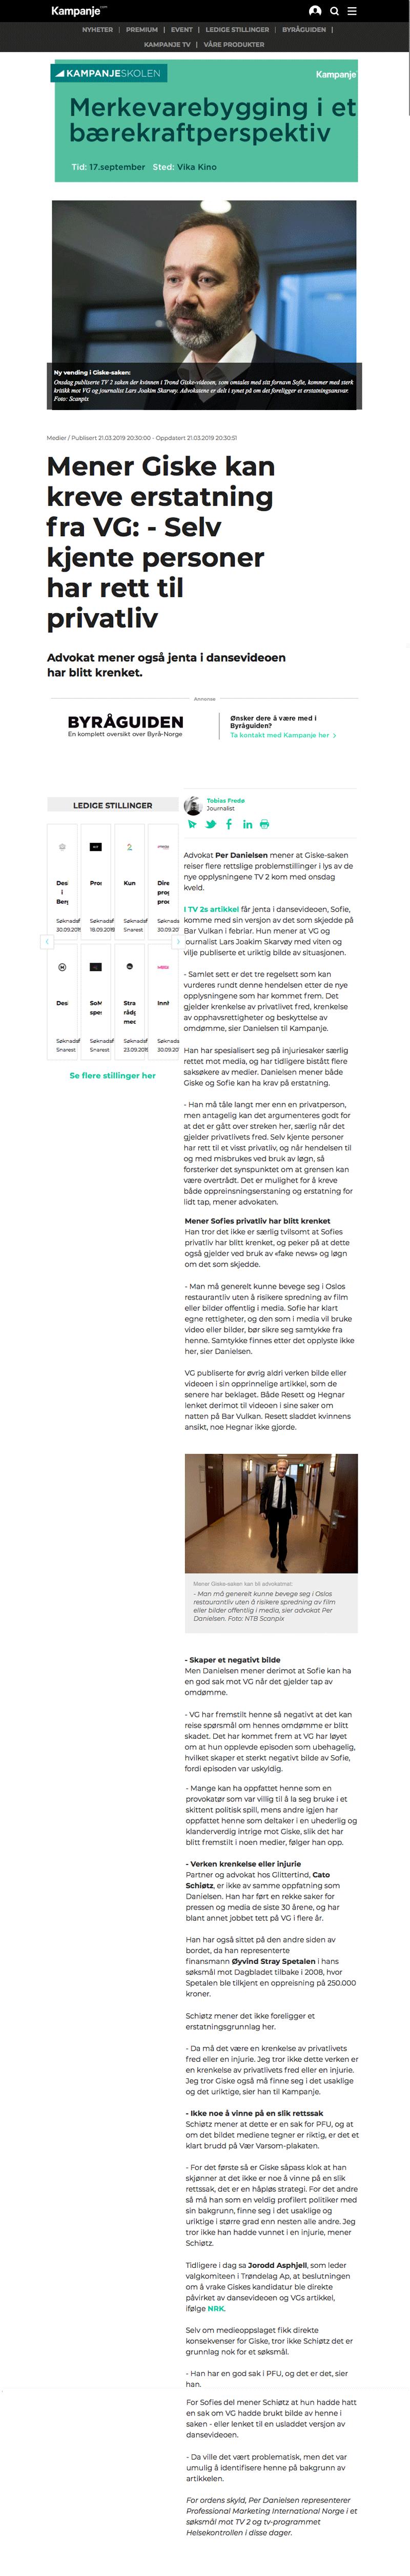 Mener Giske kan kreve erstatning av VG. Alminnelig praksis. Advokat Danielsen & Co. Per Danielsen. Advokat i Oslo.